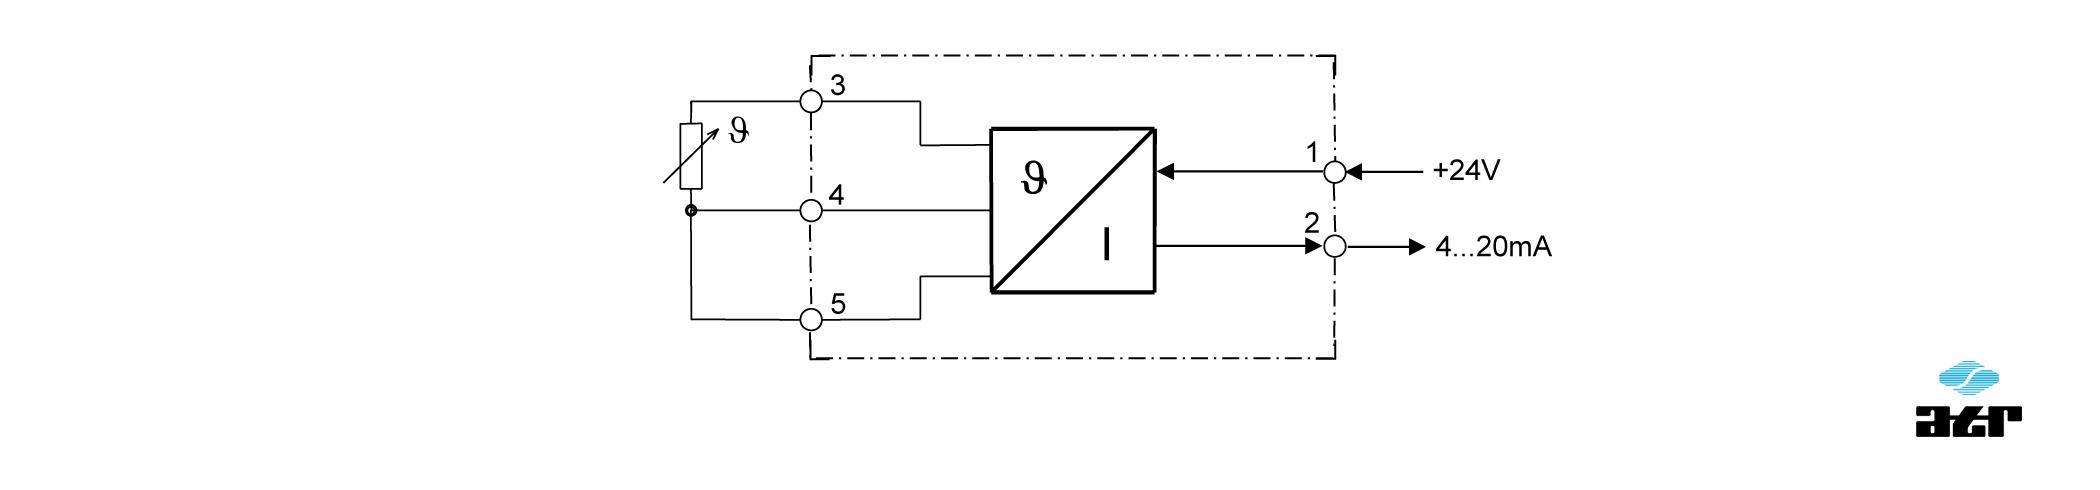 Anschlussplan: ATR Messverstärker VT57